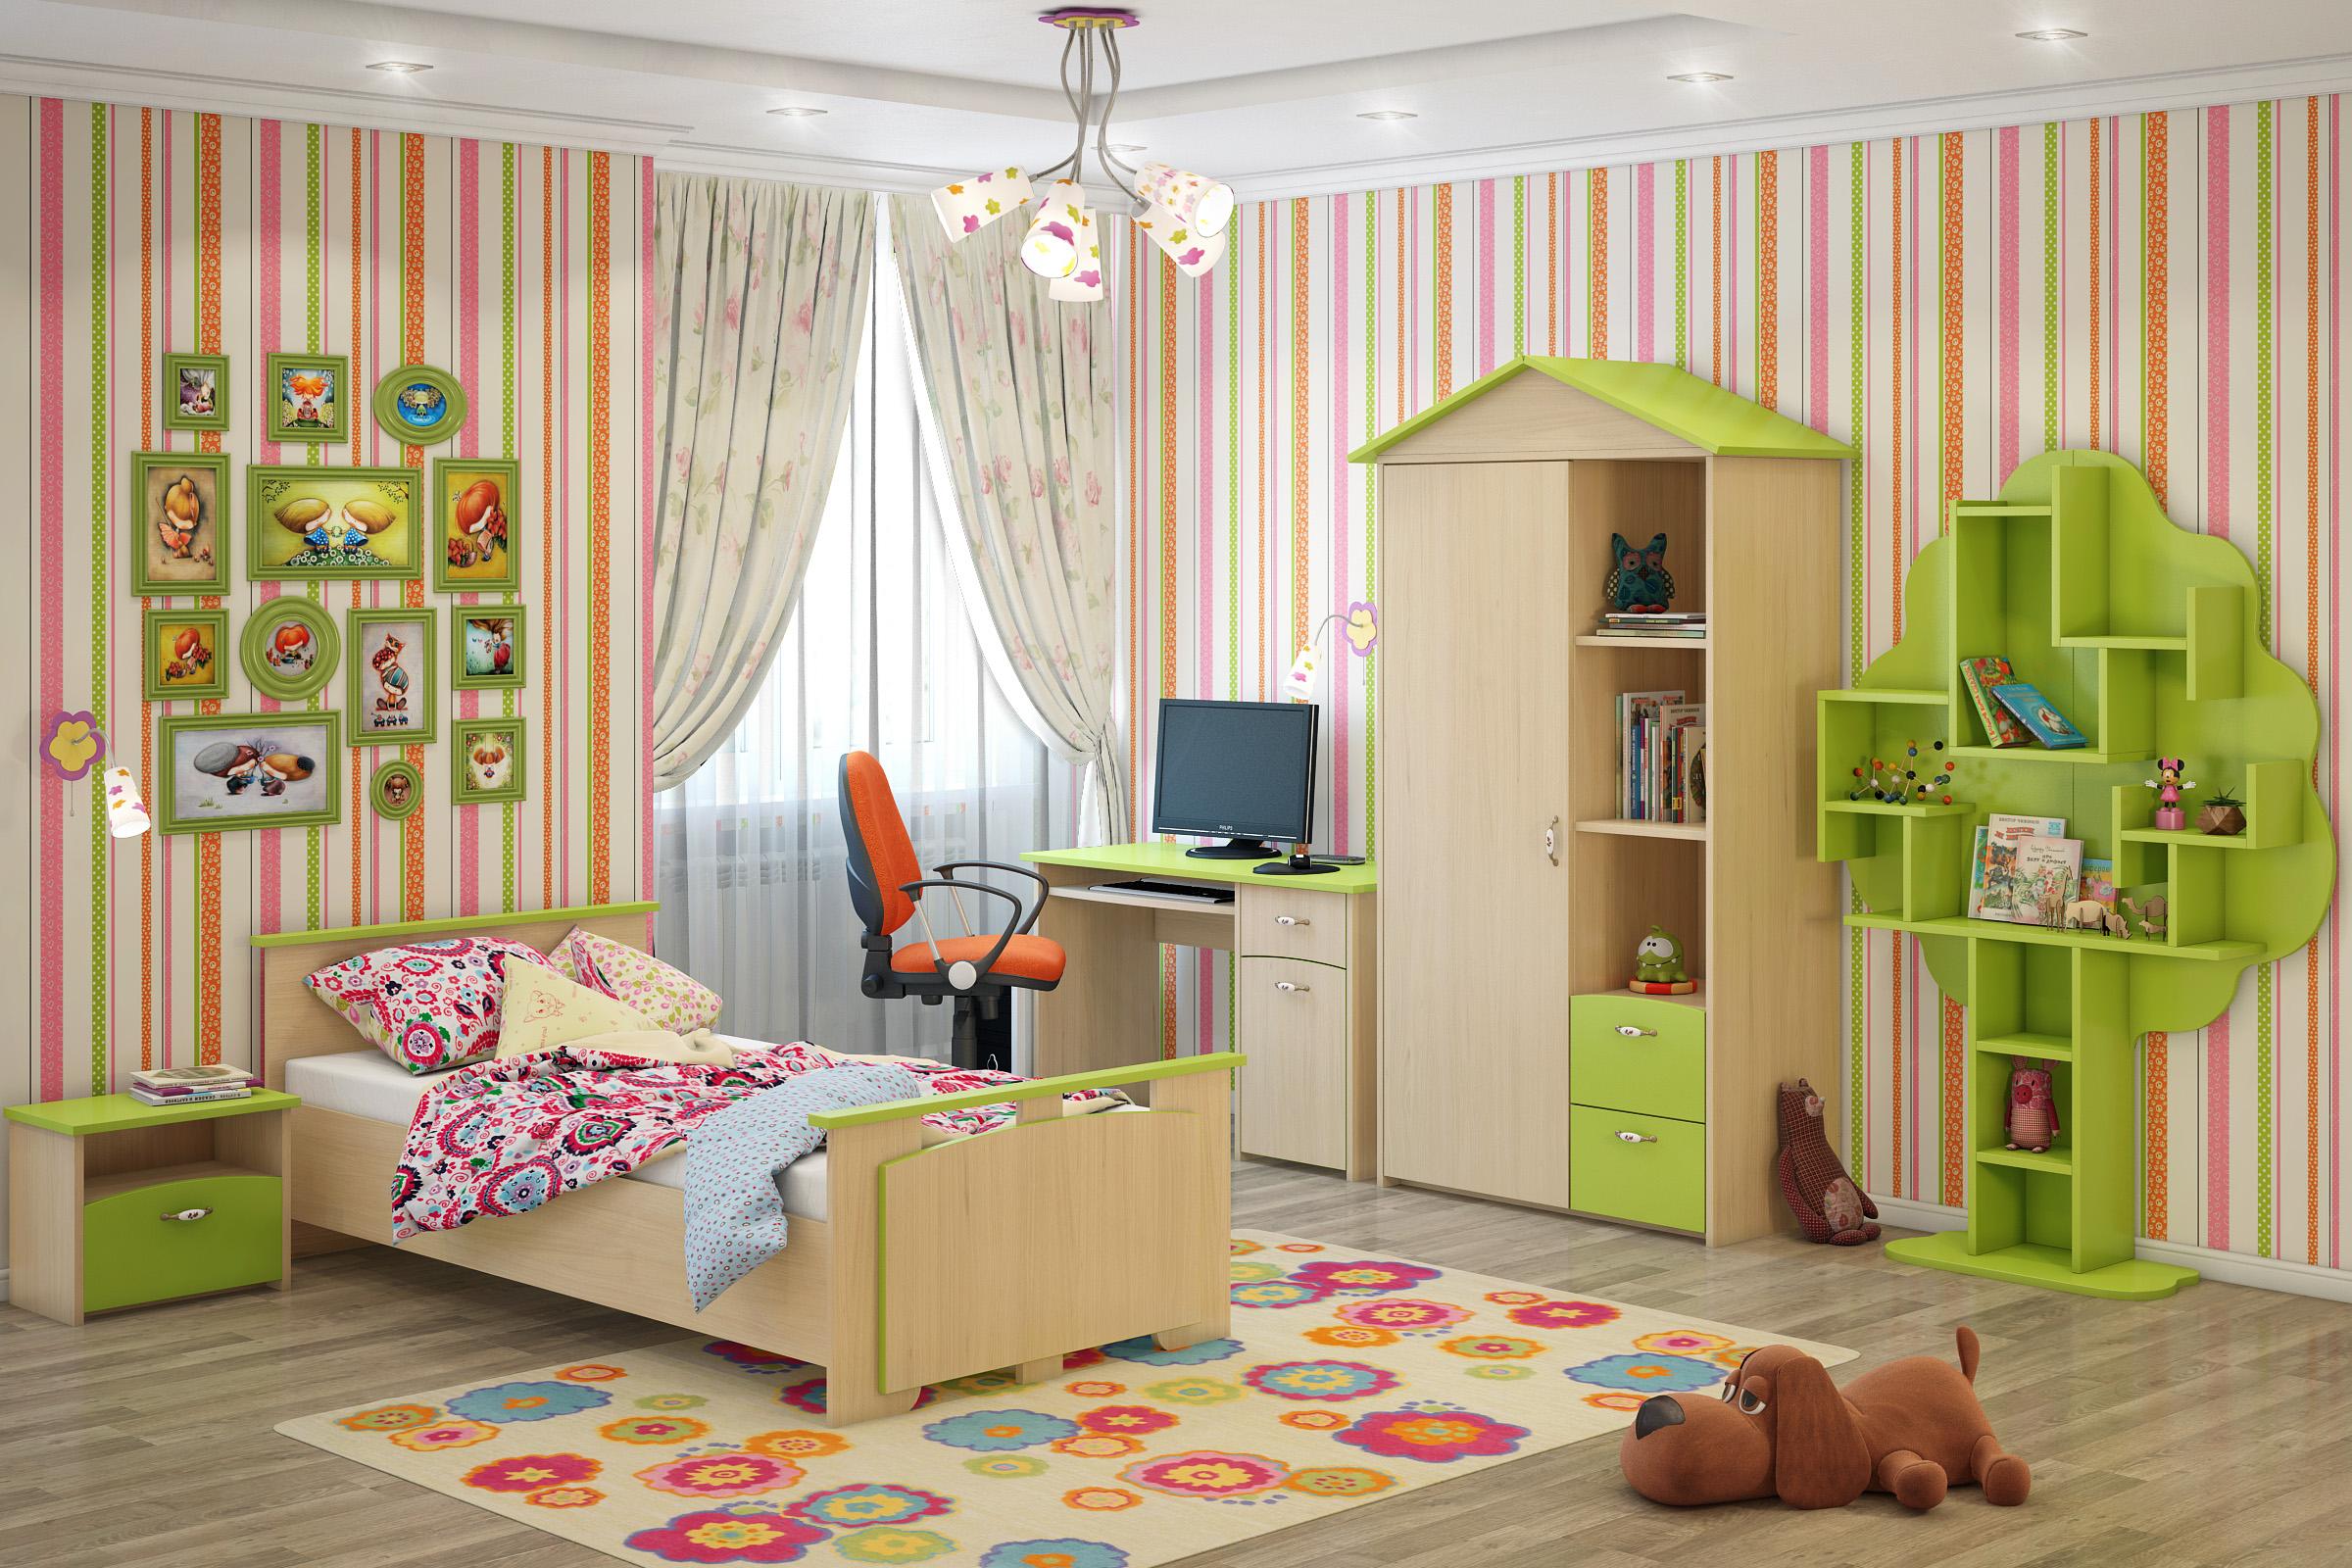 Сбор заказов. Детская комната, милая и уютная, для мальчишек и девчонок. Серия Домик!